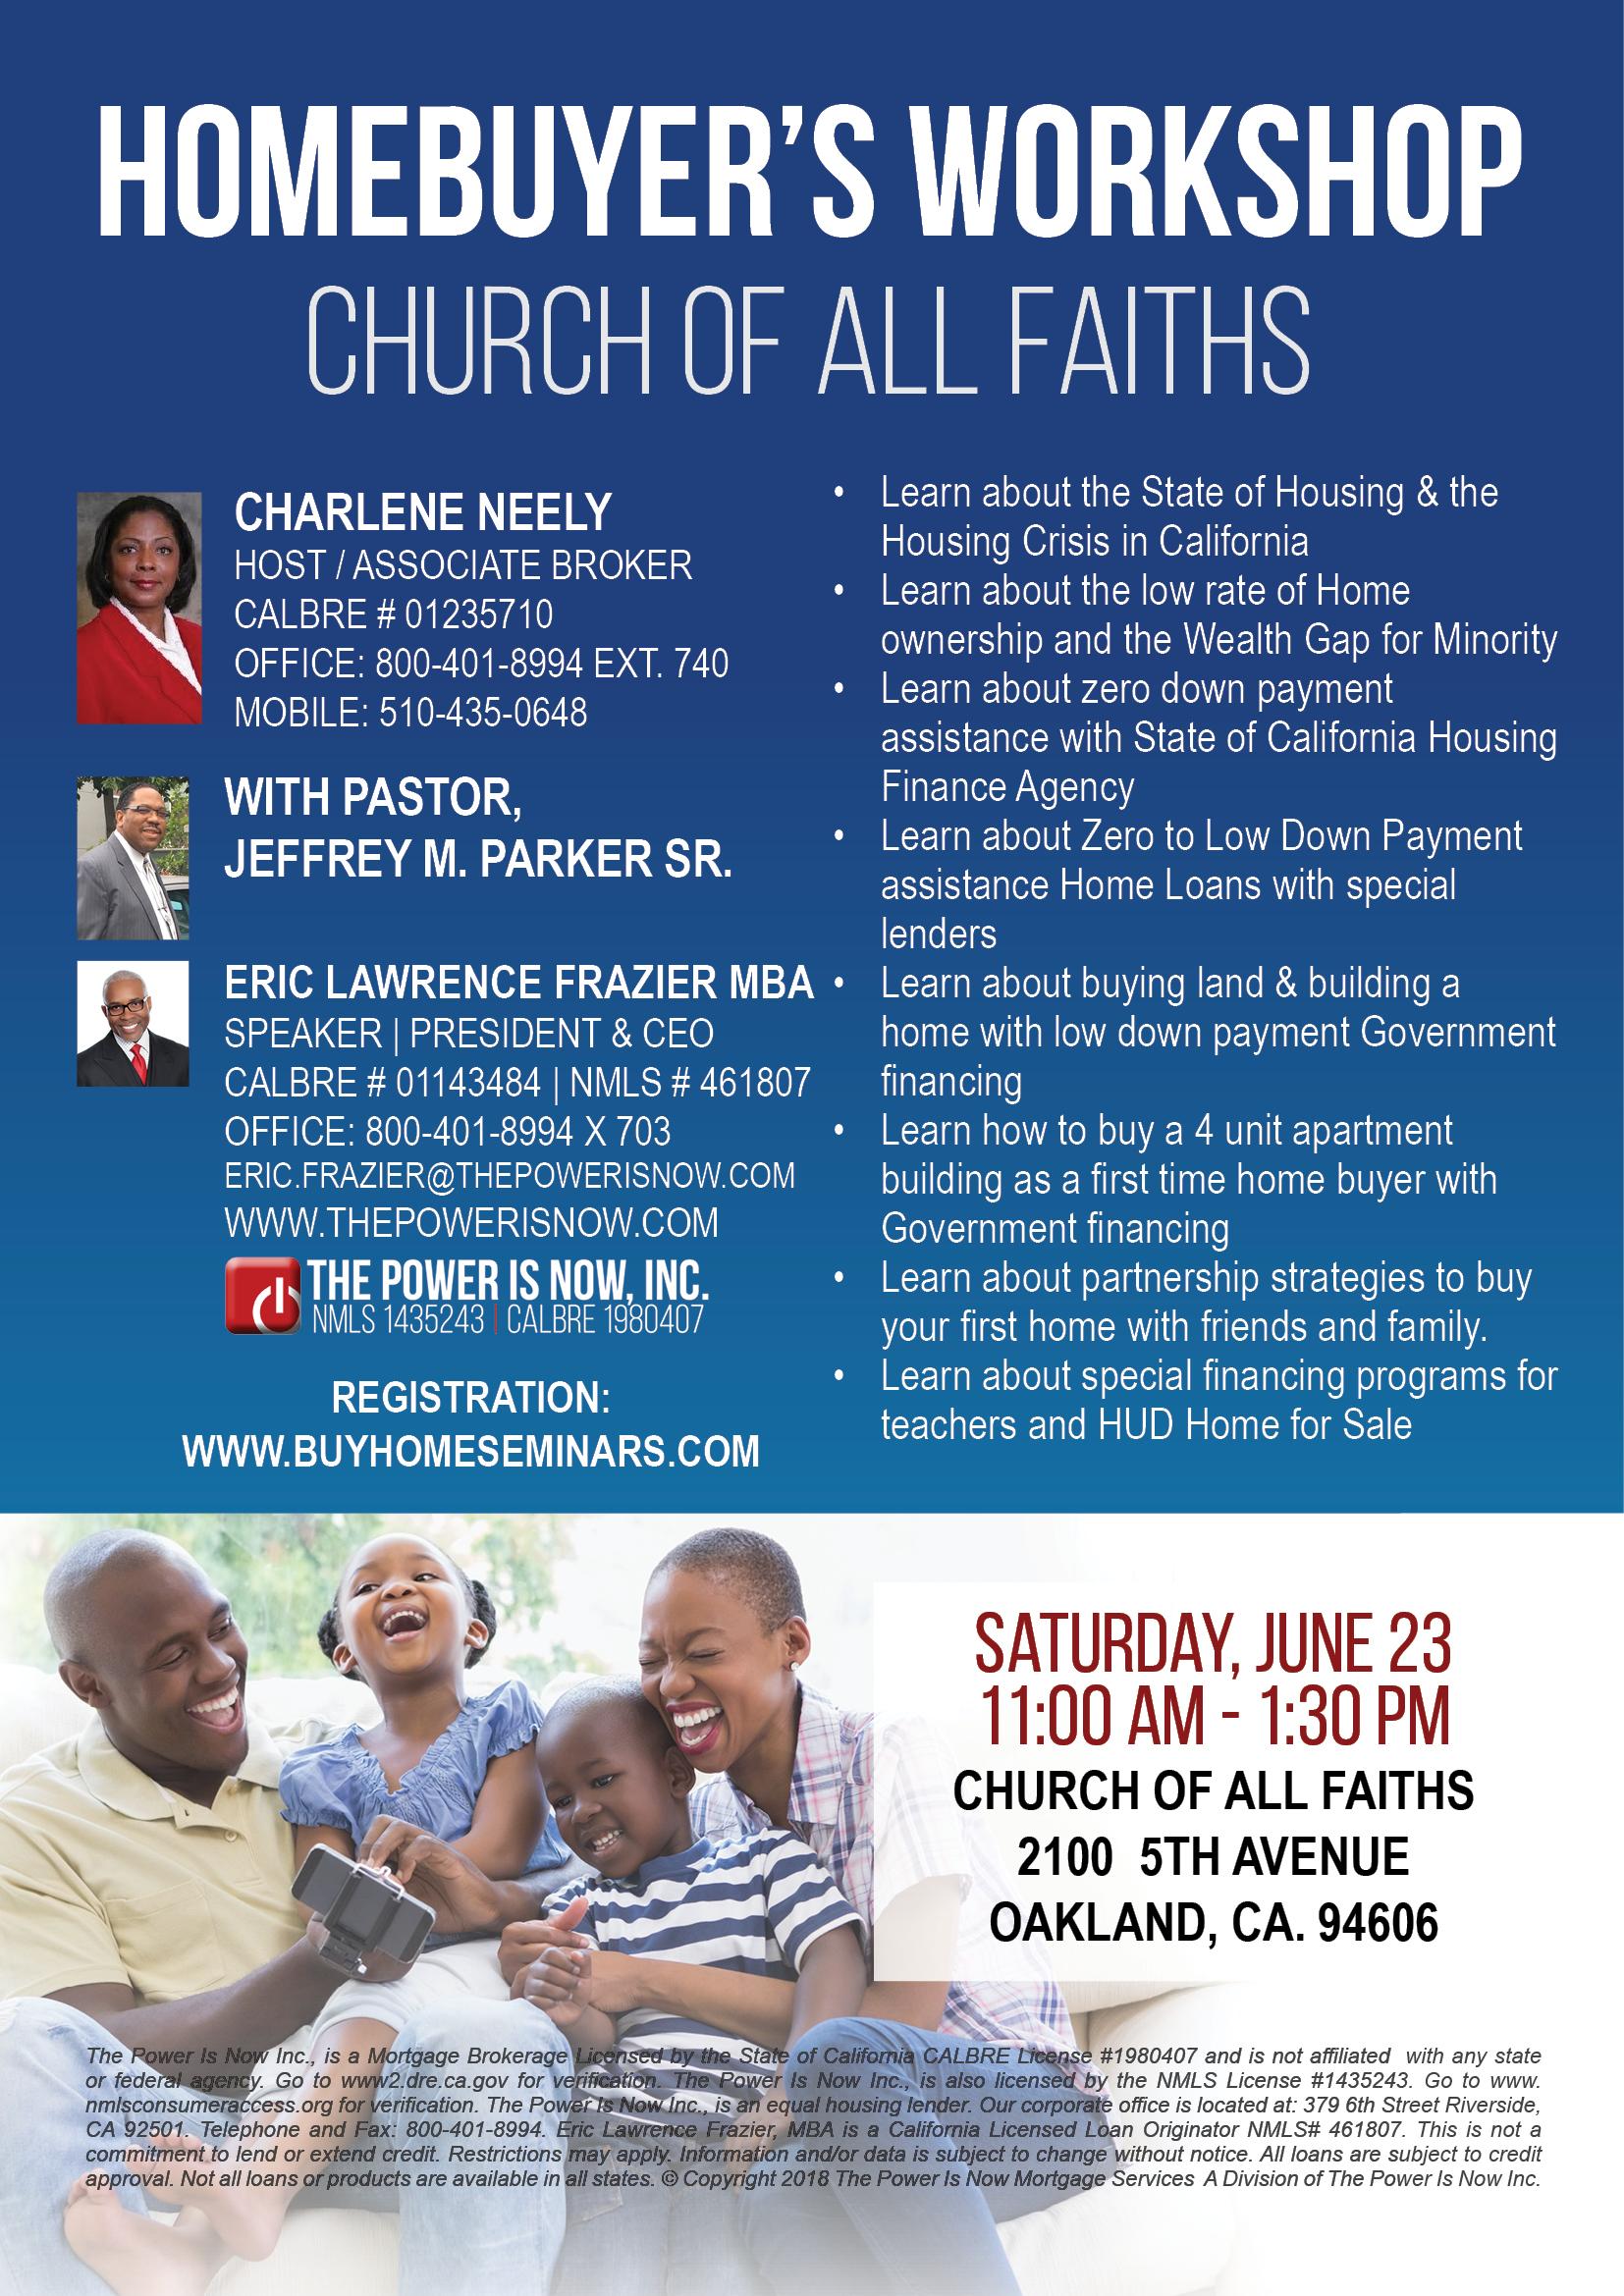 Church of All Faiths Seminar